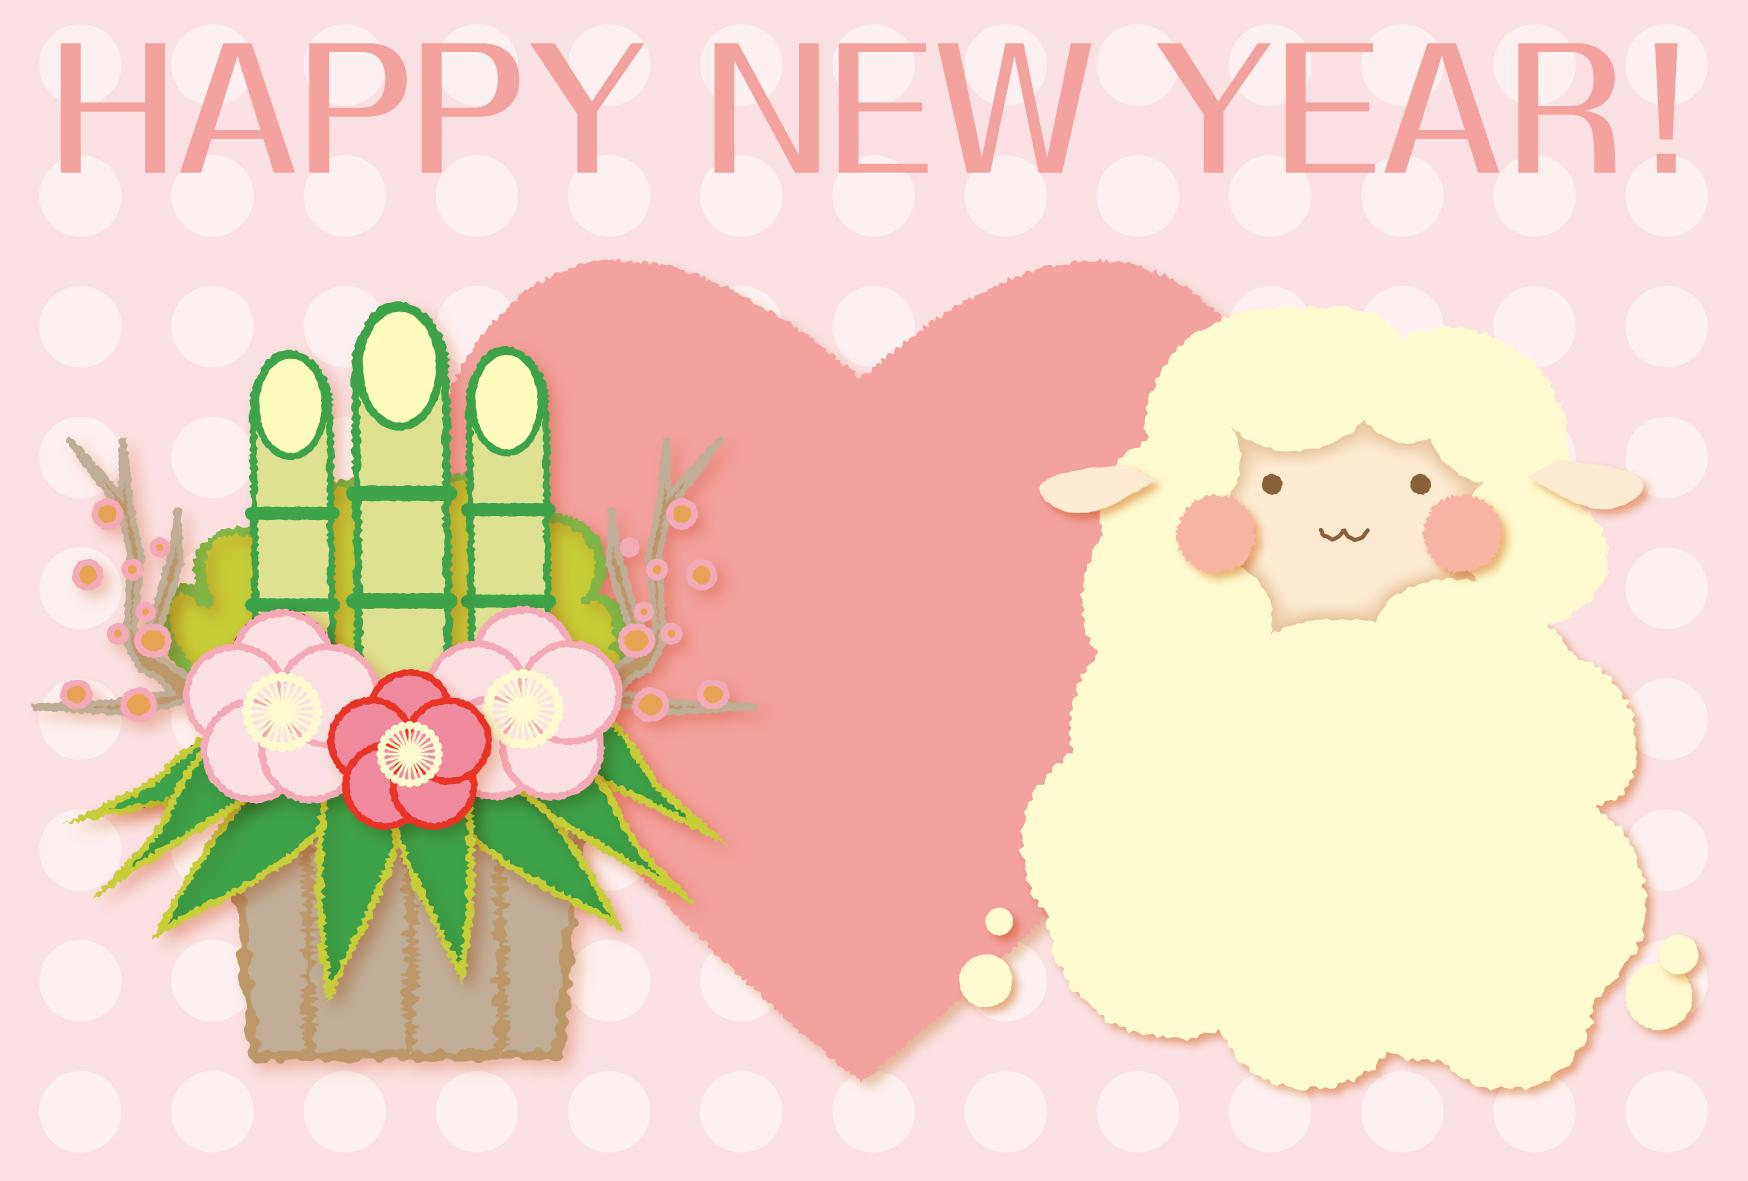 画像 : 可愛い 年賀状 羊 2015 ... : 年賀状 羊 画像 : 年賀状